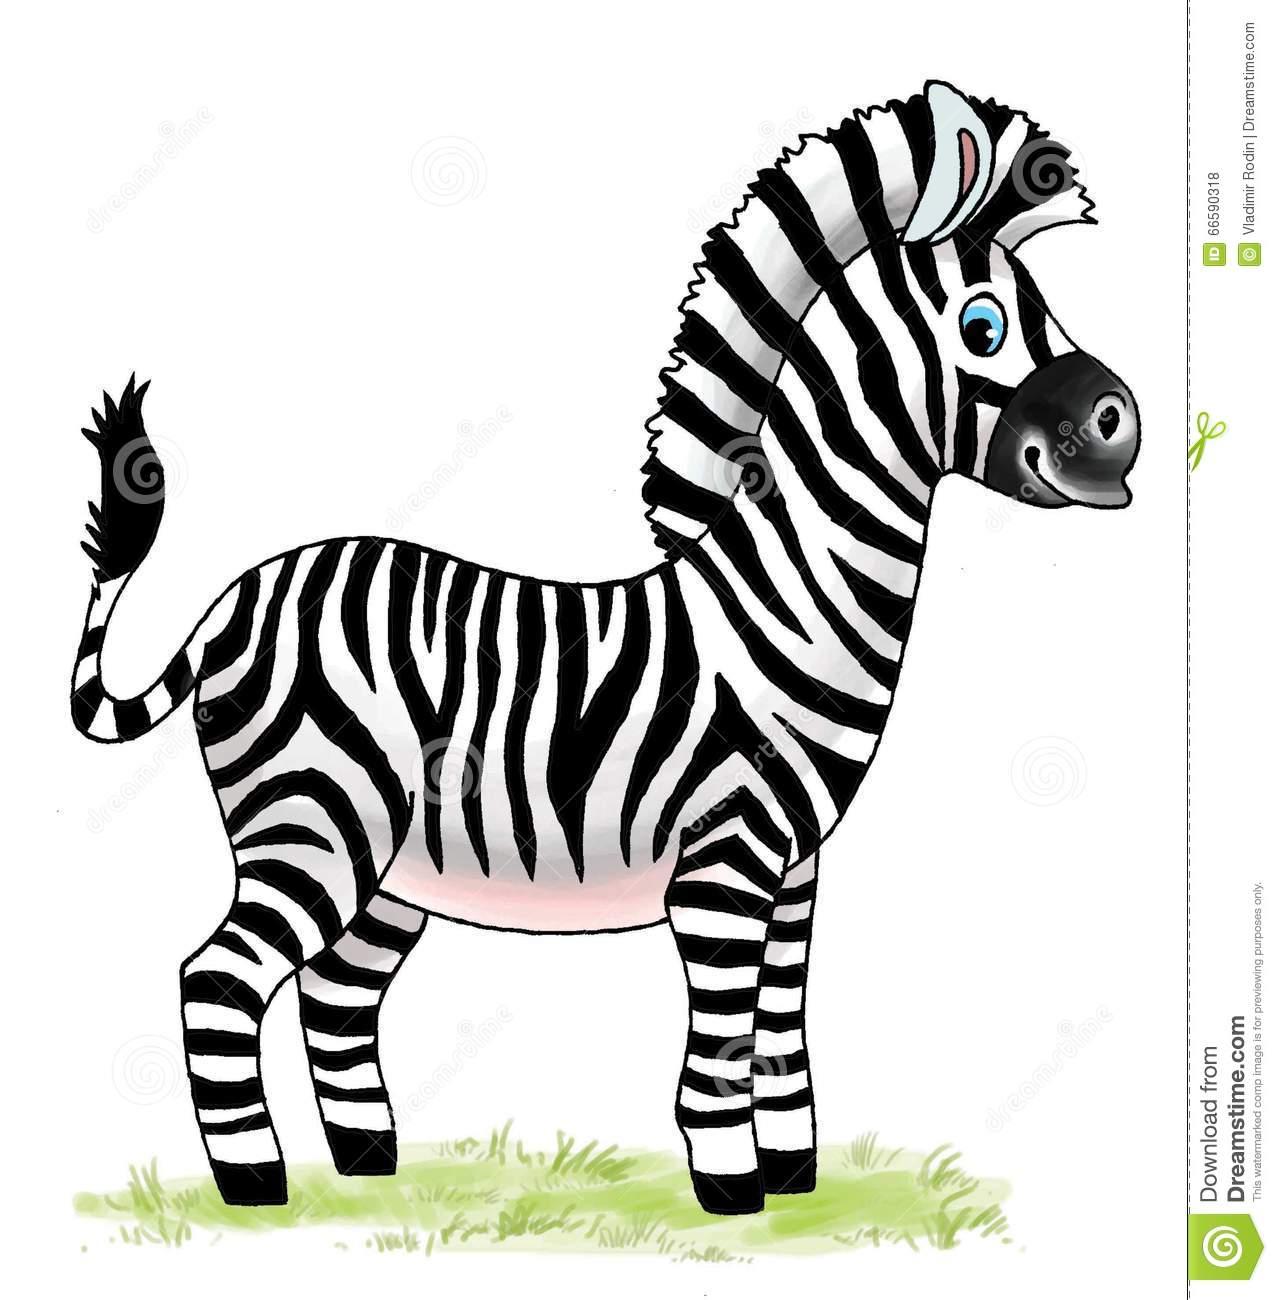 Figura Africana Dos Desenhos Animados Do Jardim Zoológico Do